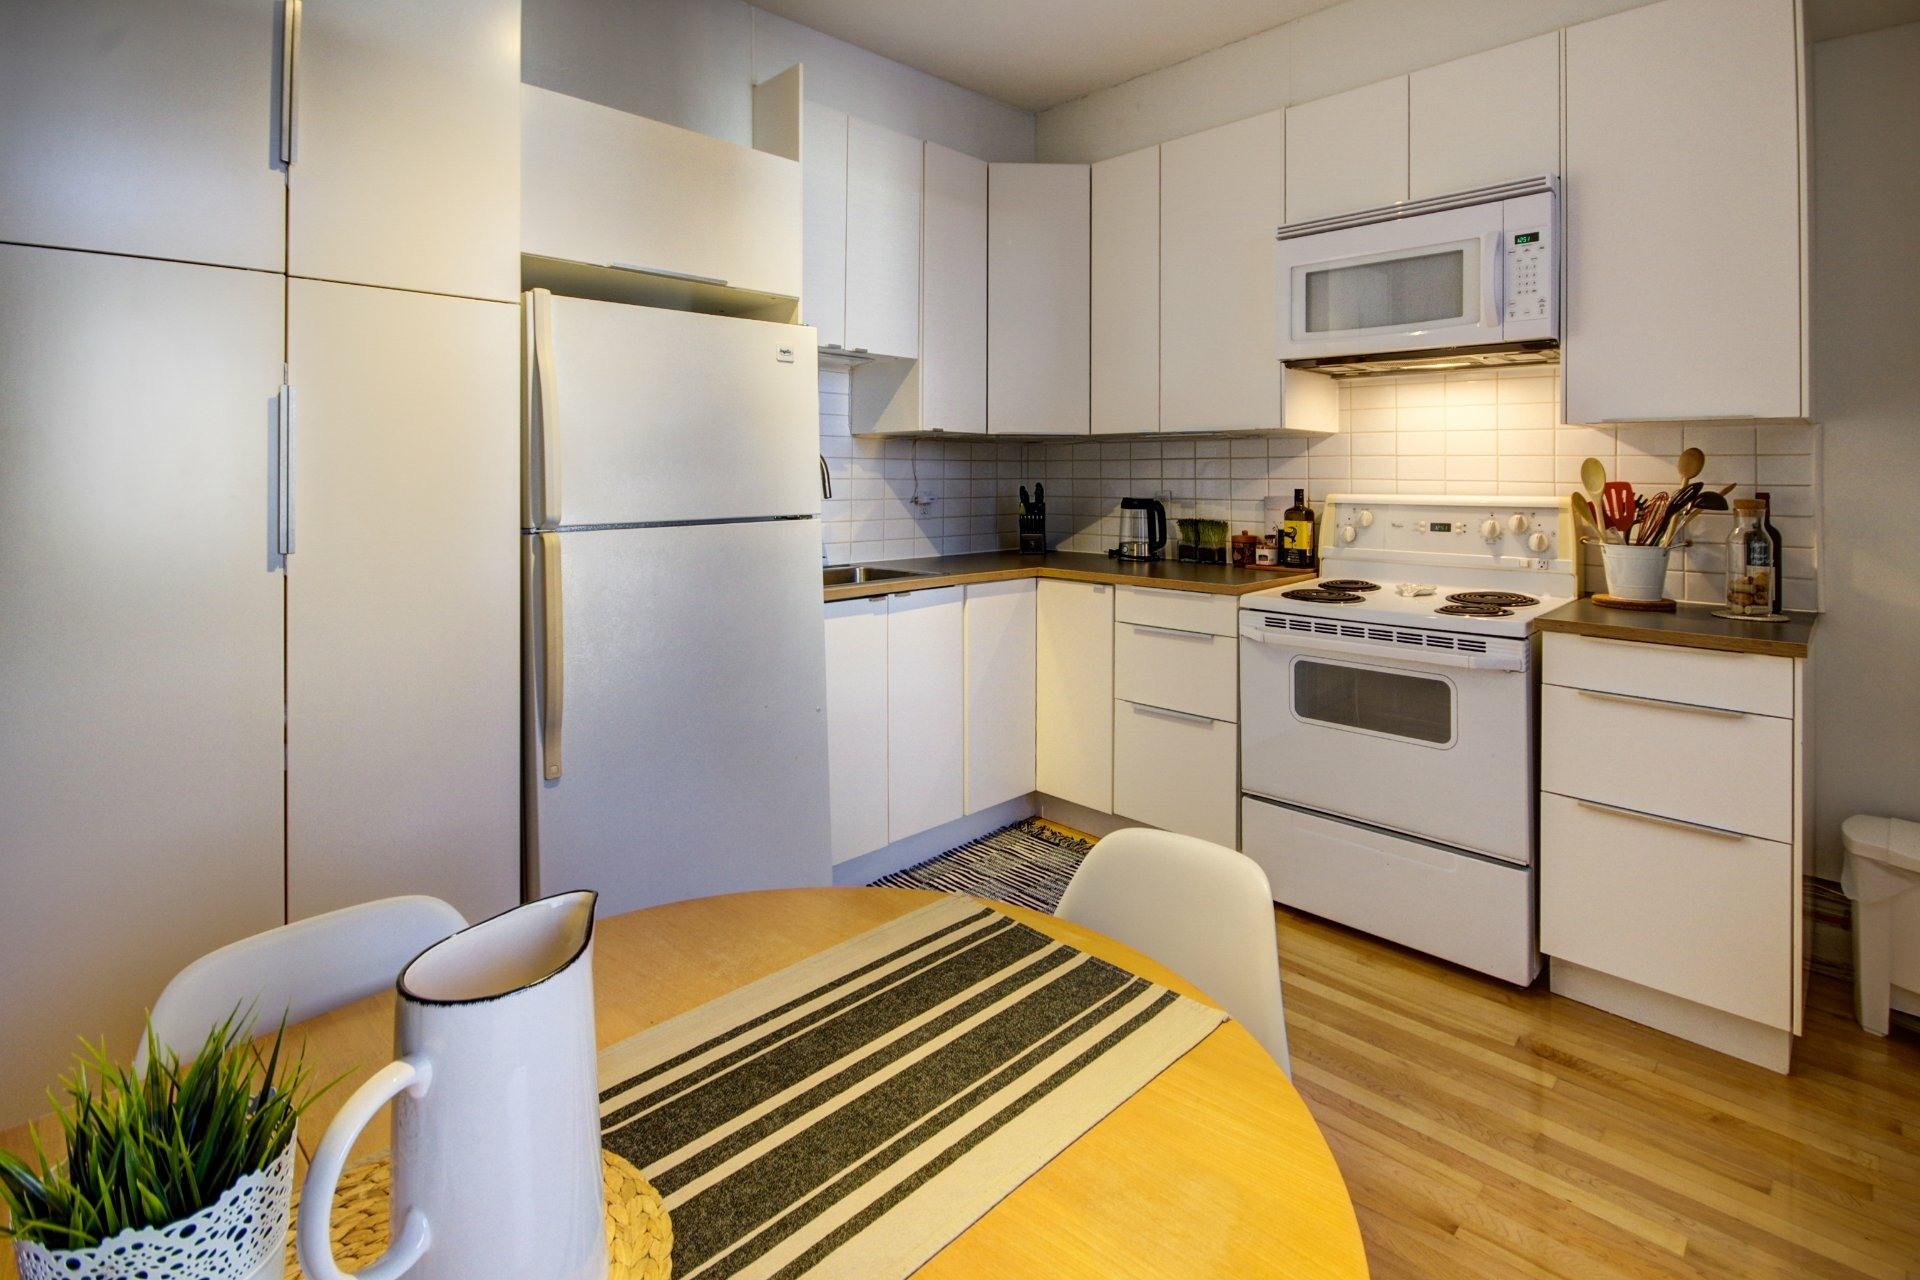 image 22 - Immeuble à revenus À vendre Montréal Le Plateau-Mont-Royal  - 5 pièces